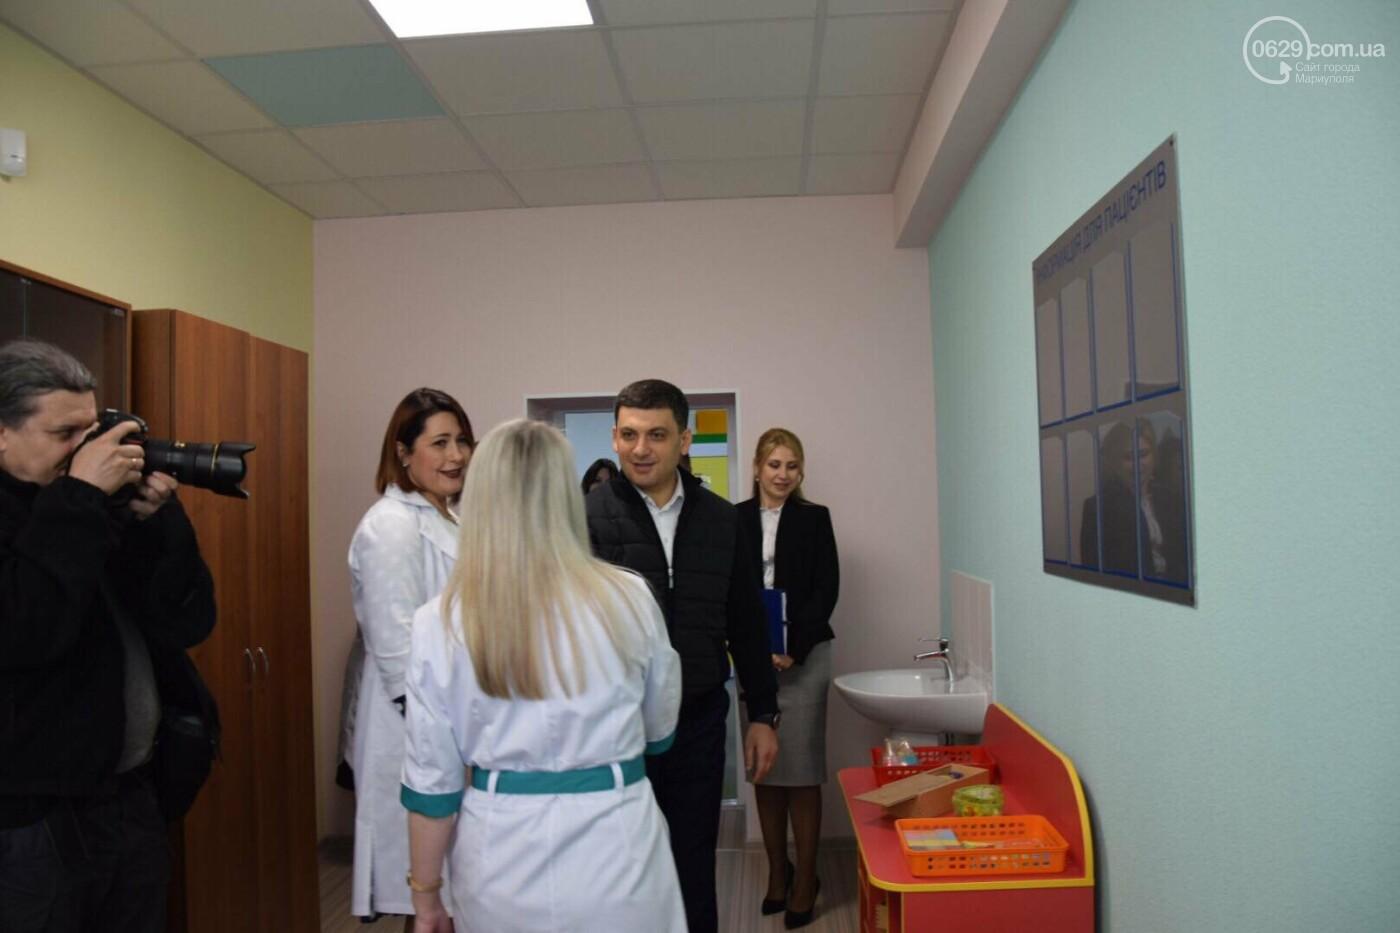 В Мариуполе Владимир Гройсман открыл детскую поликлинику и познакомился с Сережей, - ФОТОРЕПОРТАЖ, ВИДЕО, фото-52